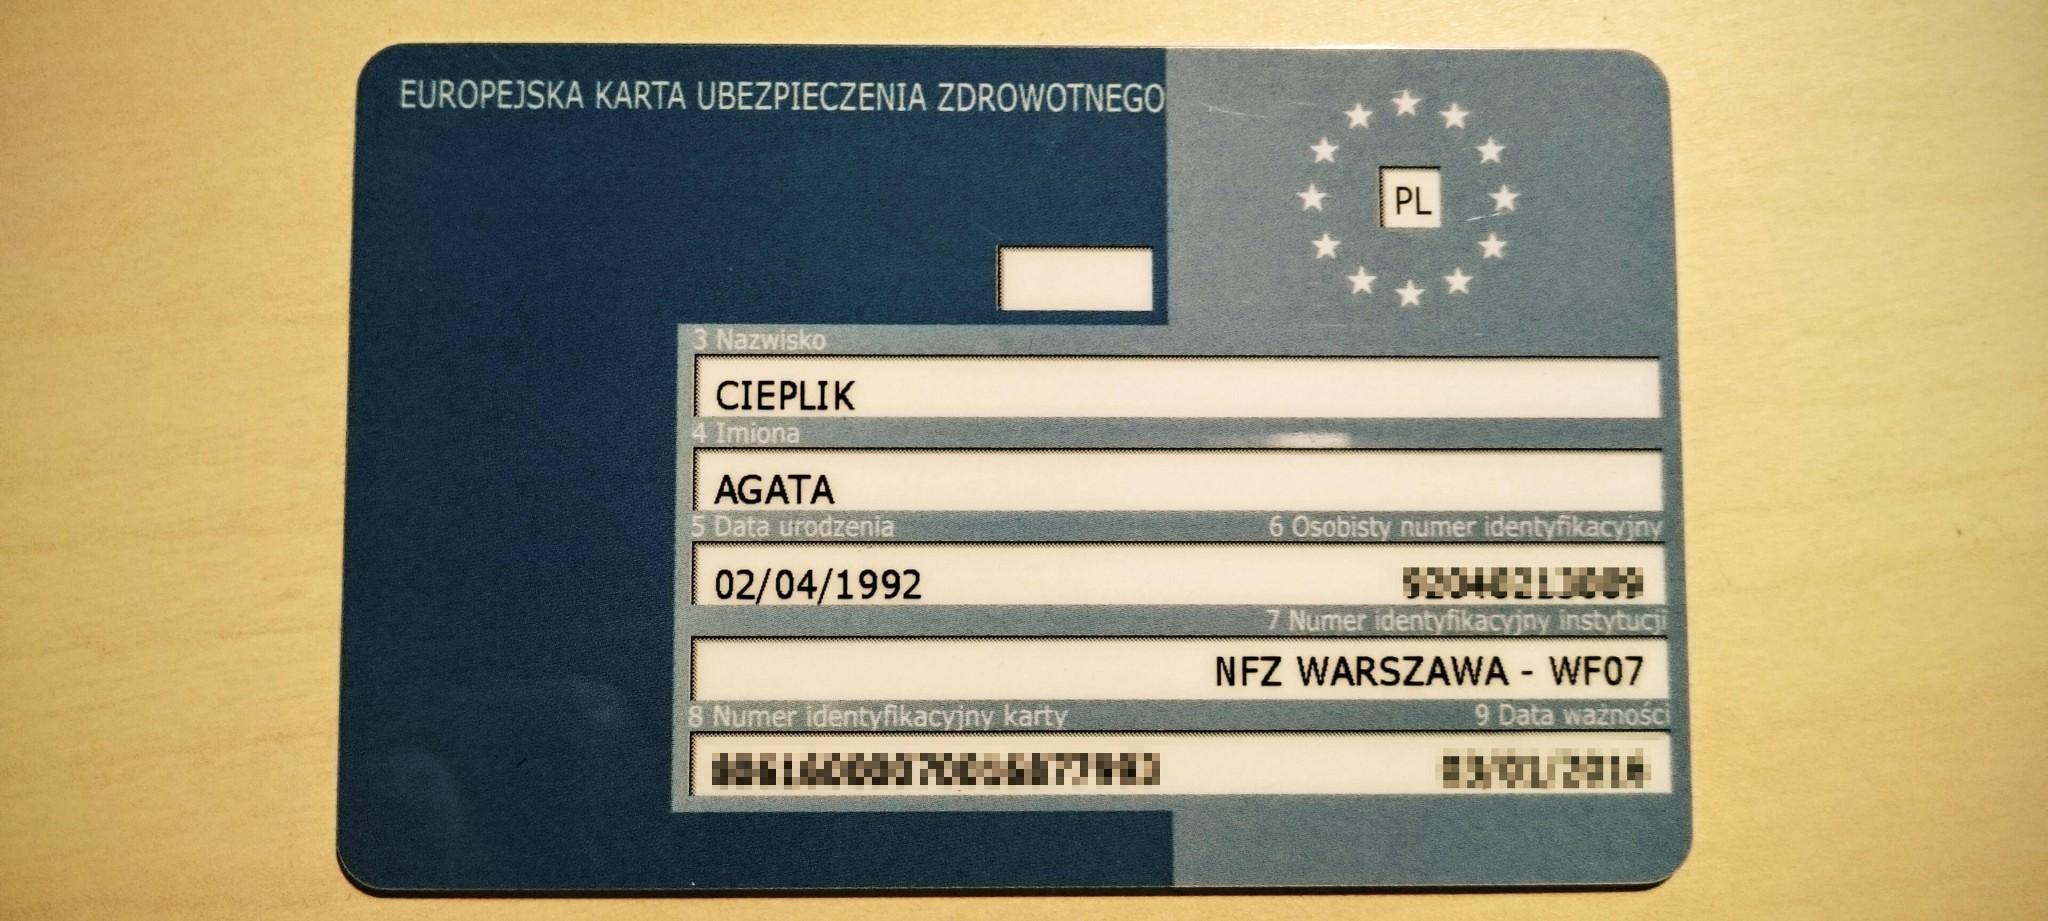 Karta Ubezpieczenia Europa.Ekuz Czyli Europejska Karta Ubezpieczenia Zdrowotnego Cieplik